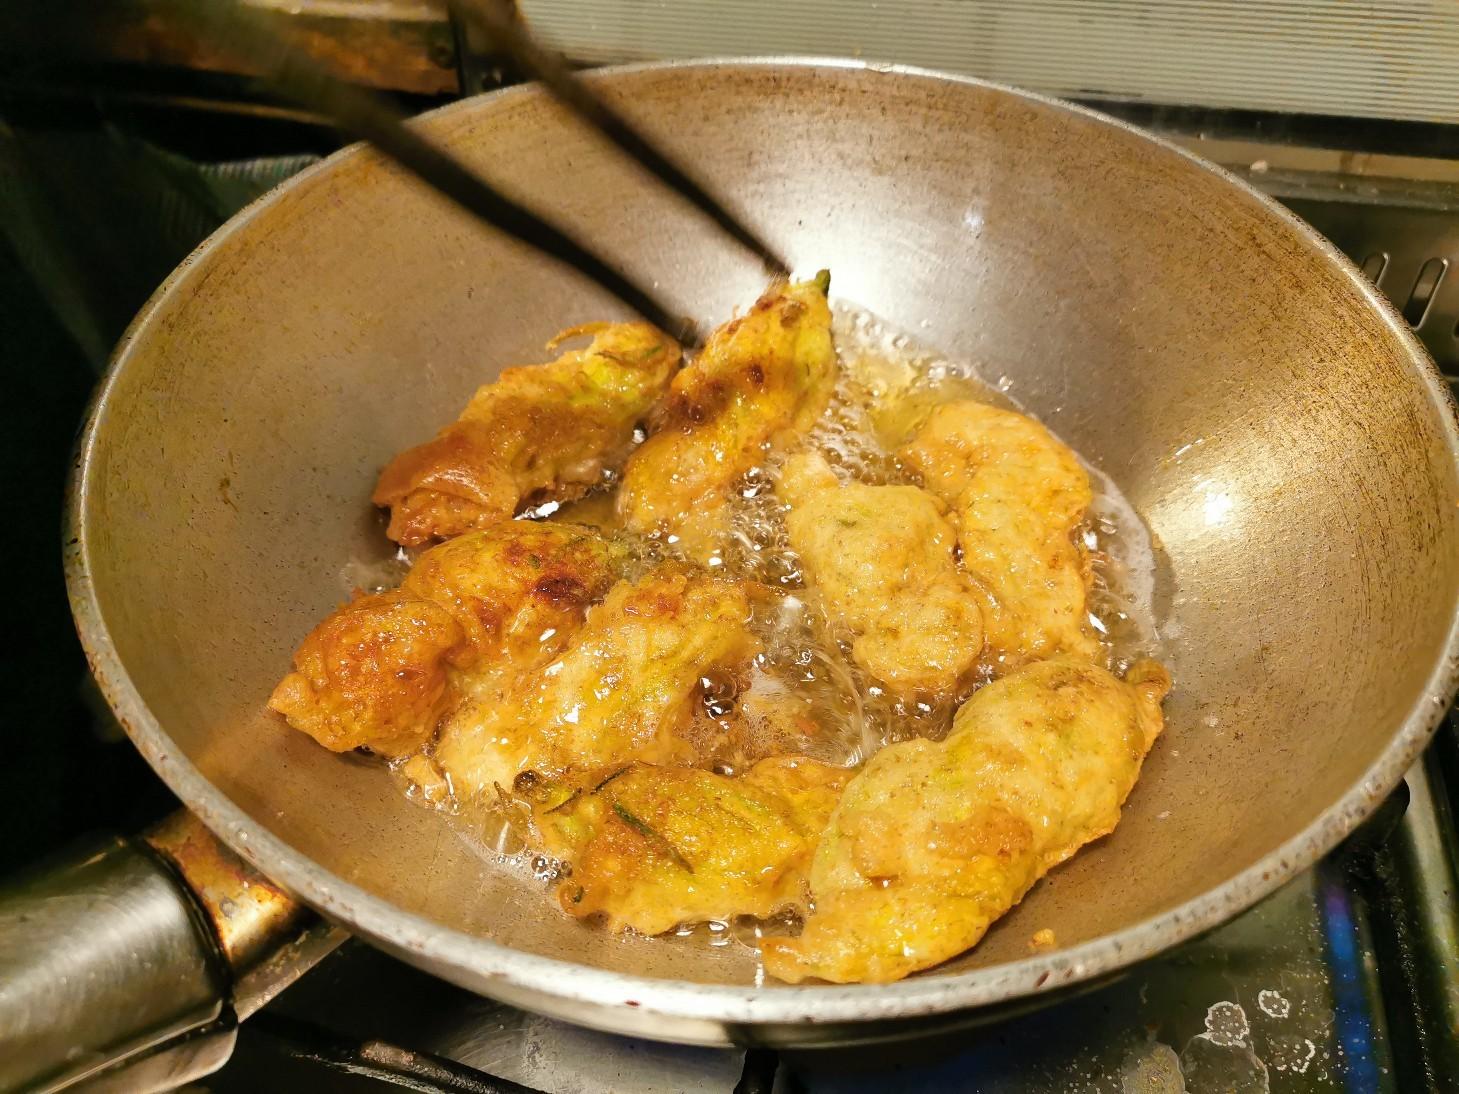 今のイタリアの旬の食べ物は・・・ズッキーニの花のフライ_f0106597_01073522.jpg